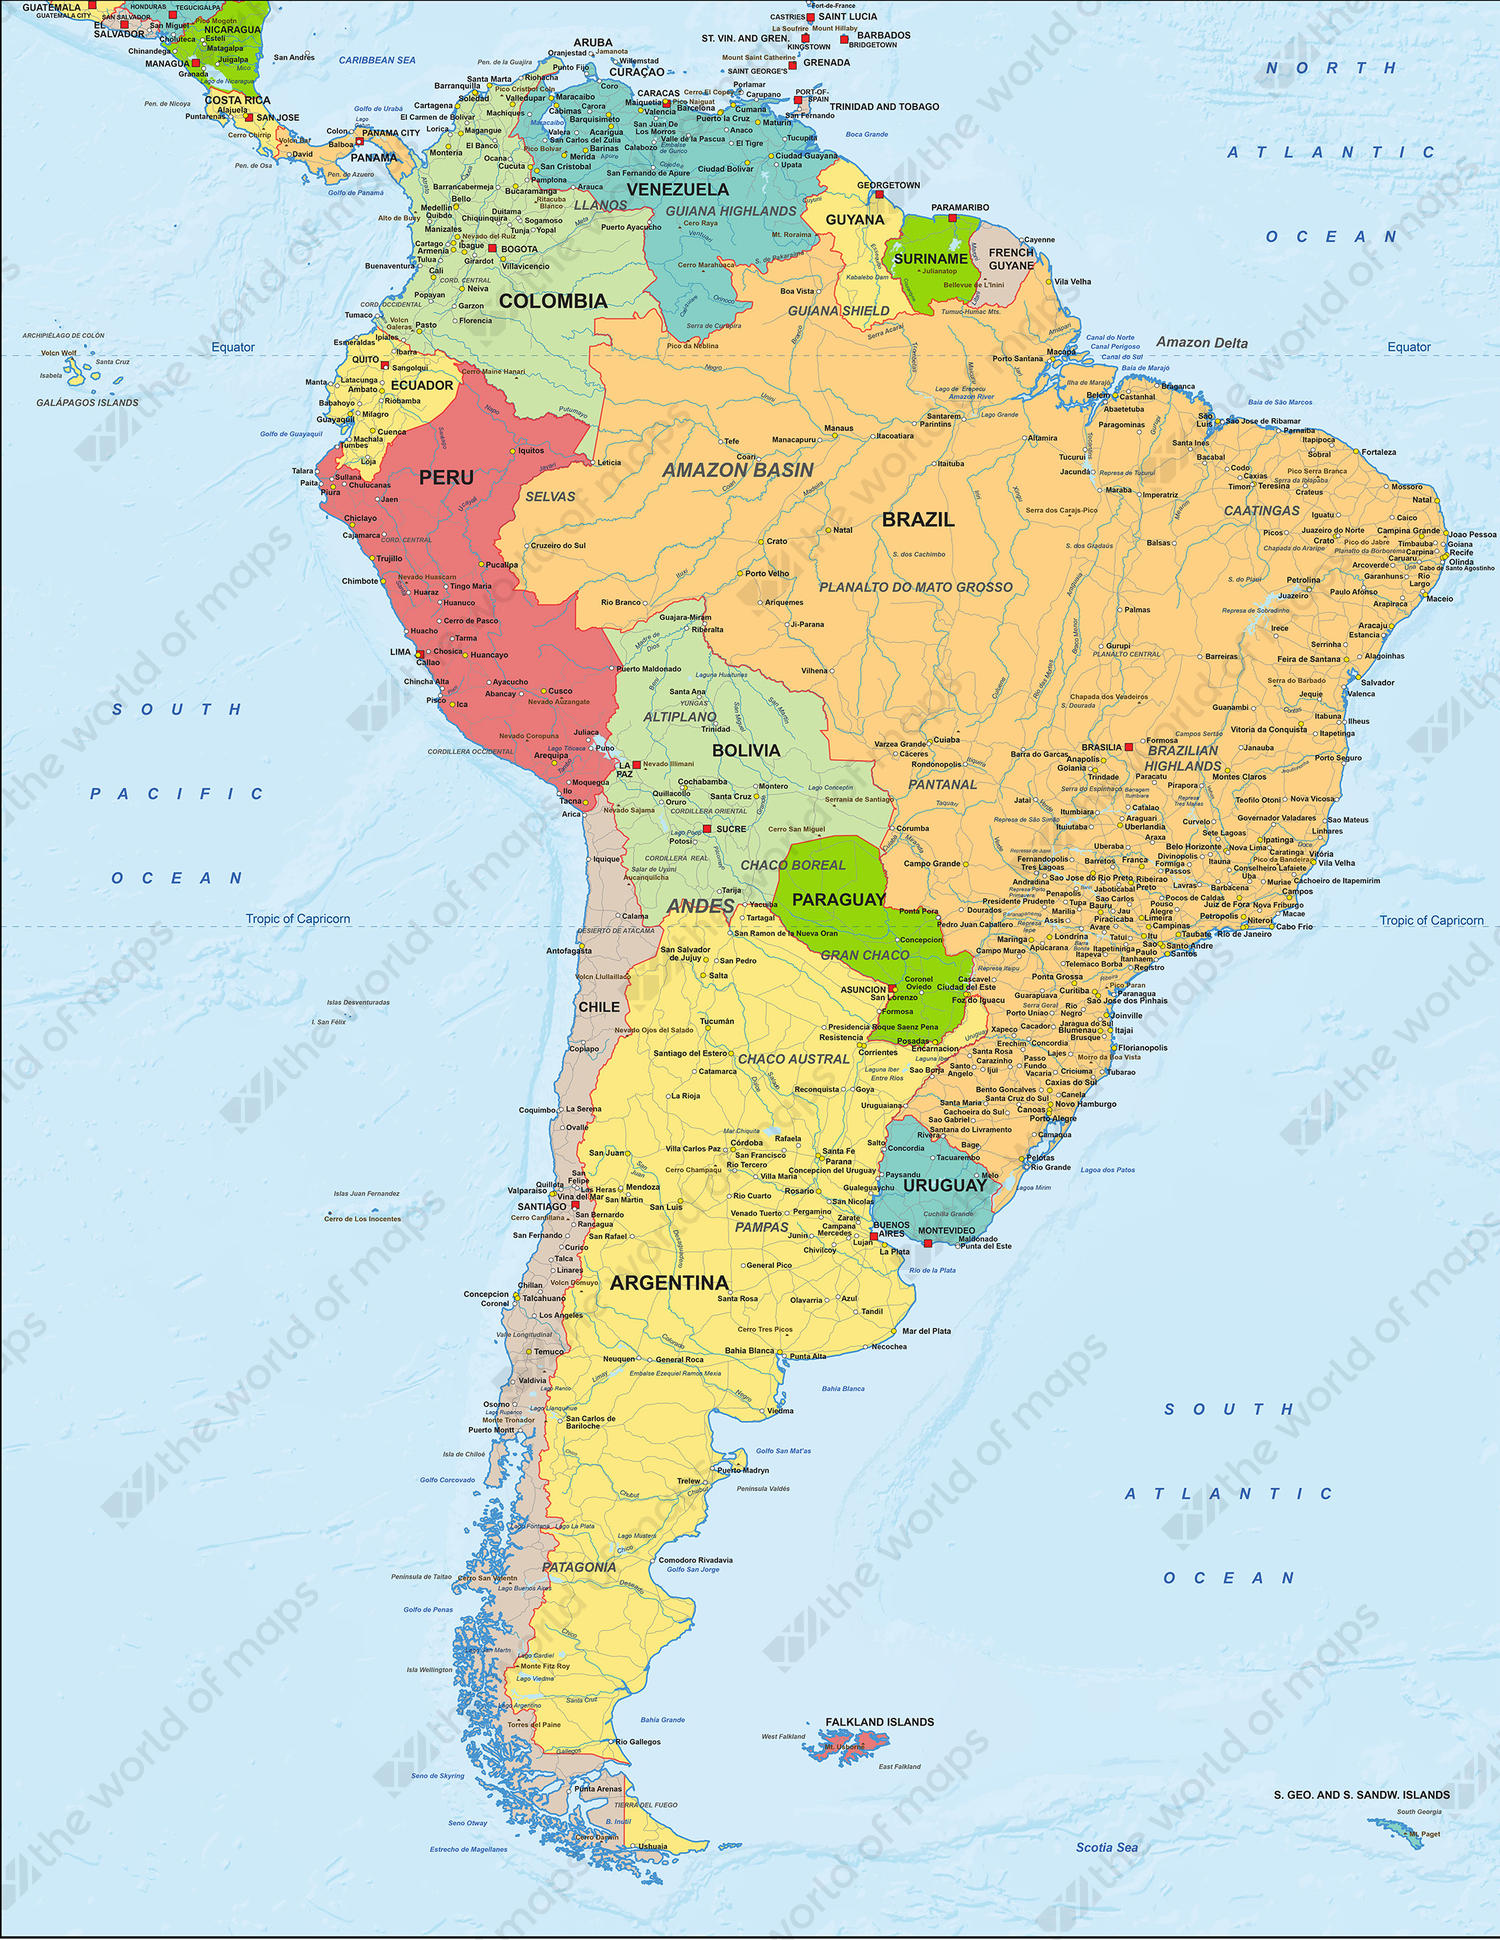 south america map - Ecosia